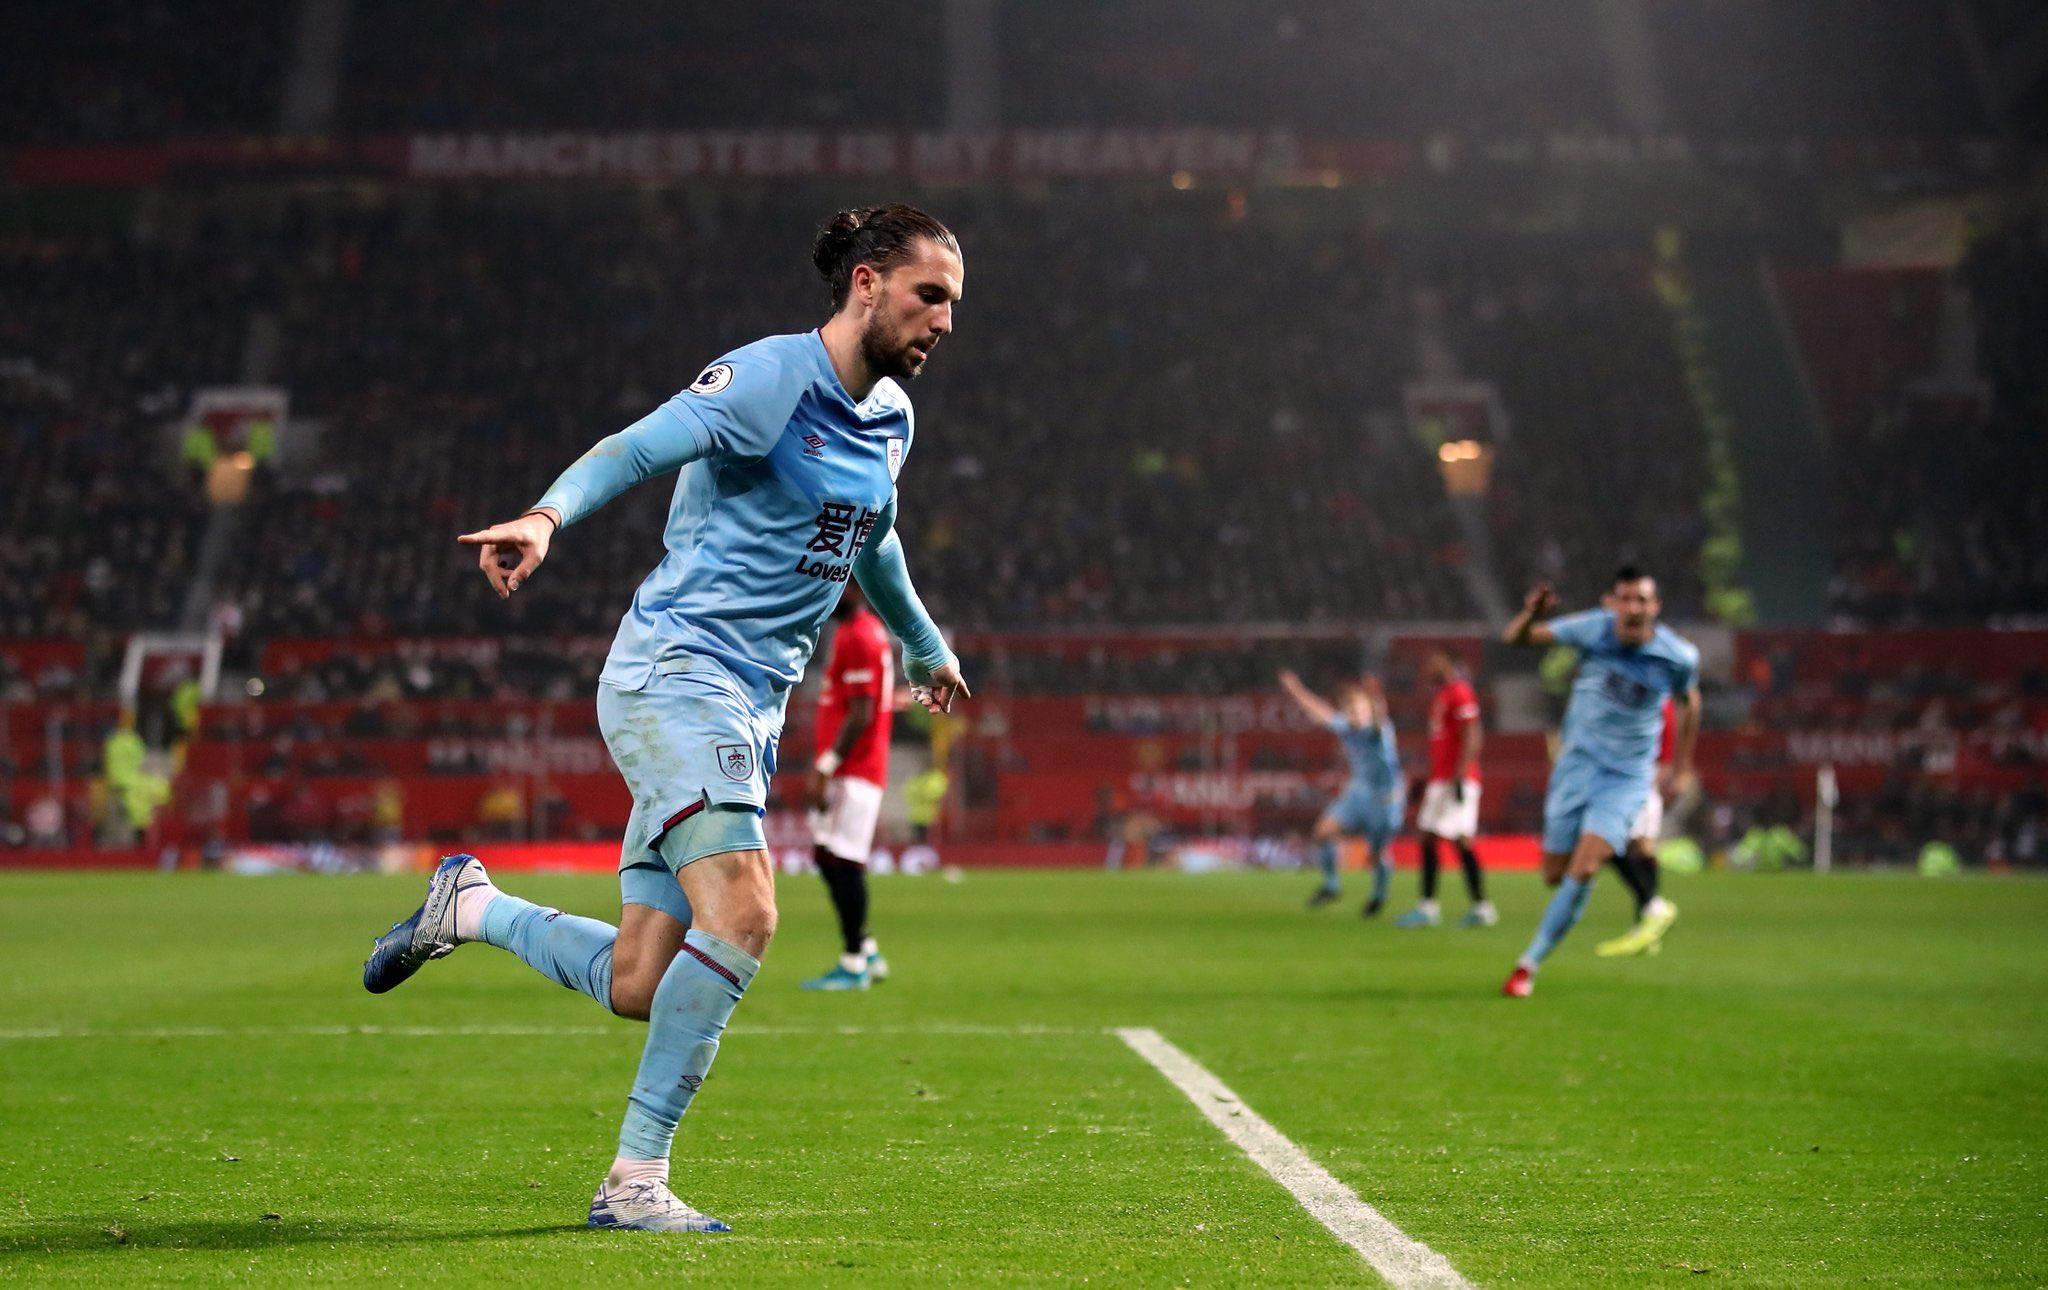 مان يونايتد ضد بيرنلي (5)